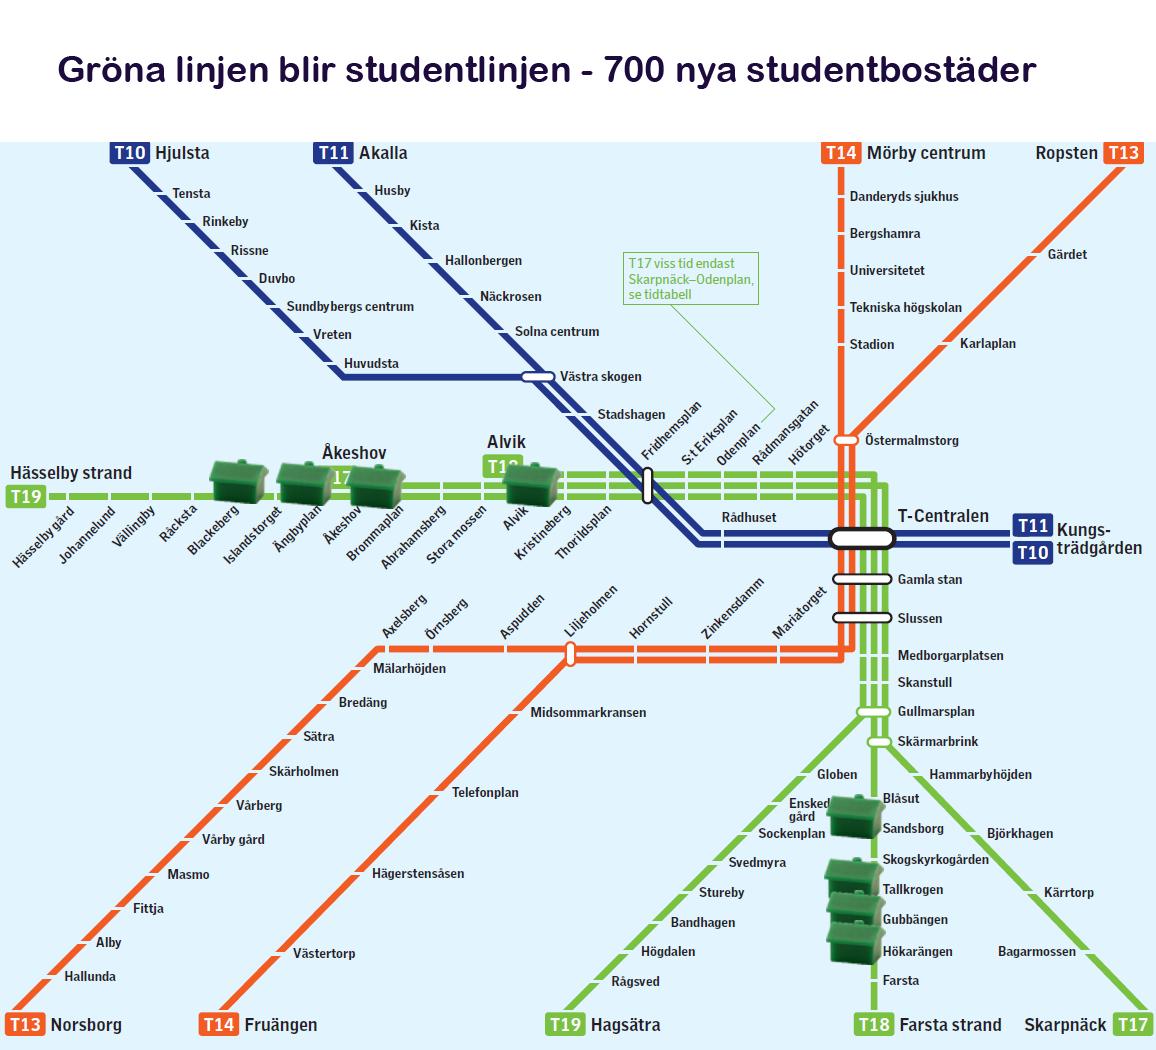 gröna linjen karta Här är ett förslag: Gör gröna linjen till en studentlinje! | Tomas  gröna linjen karta